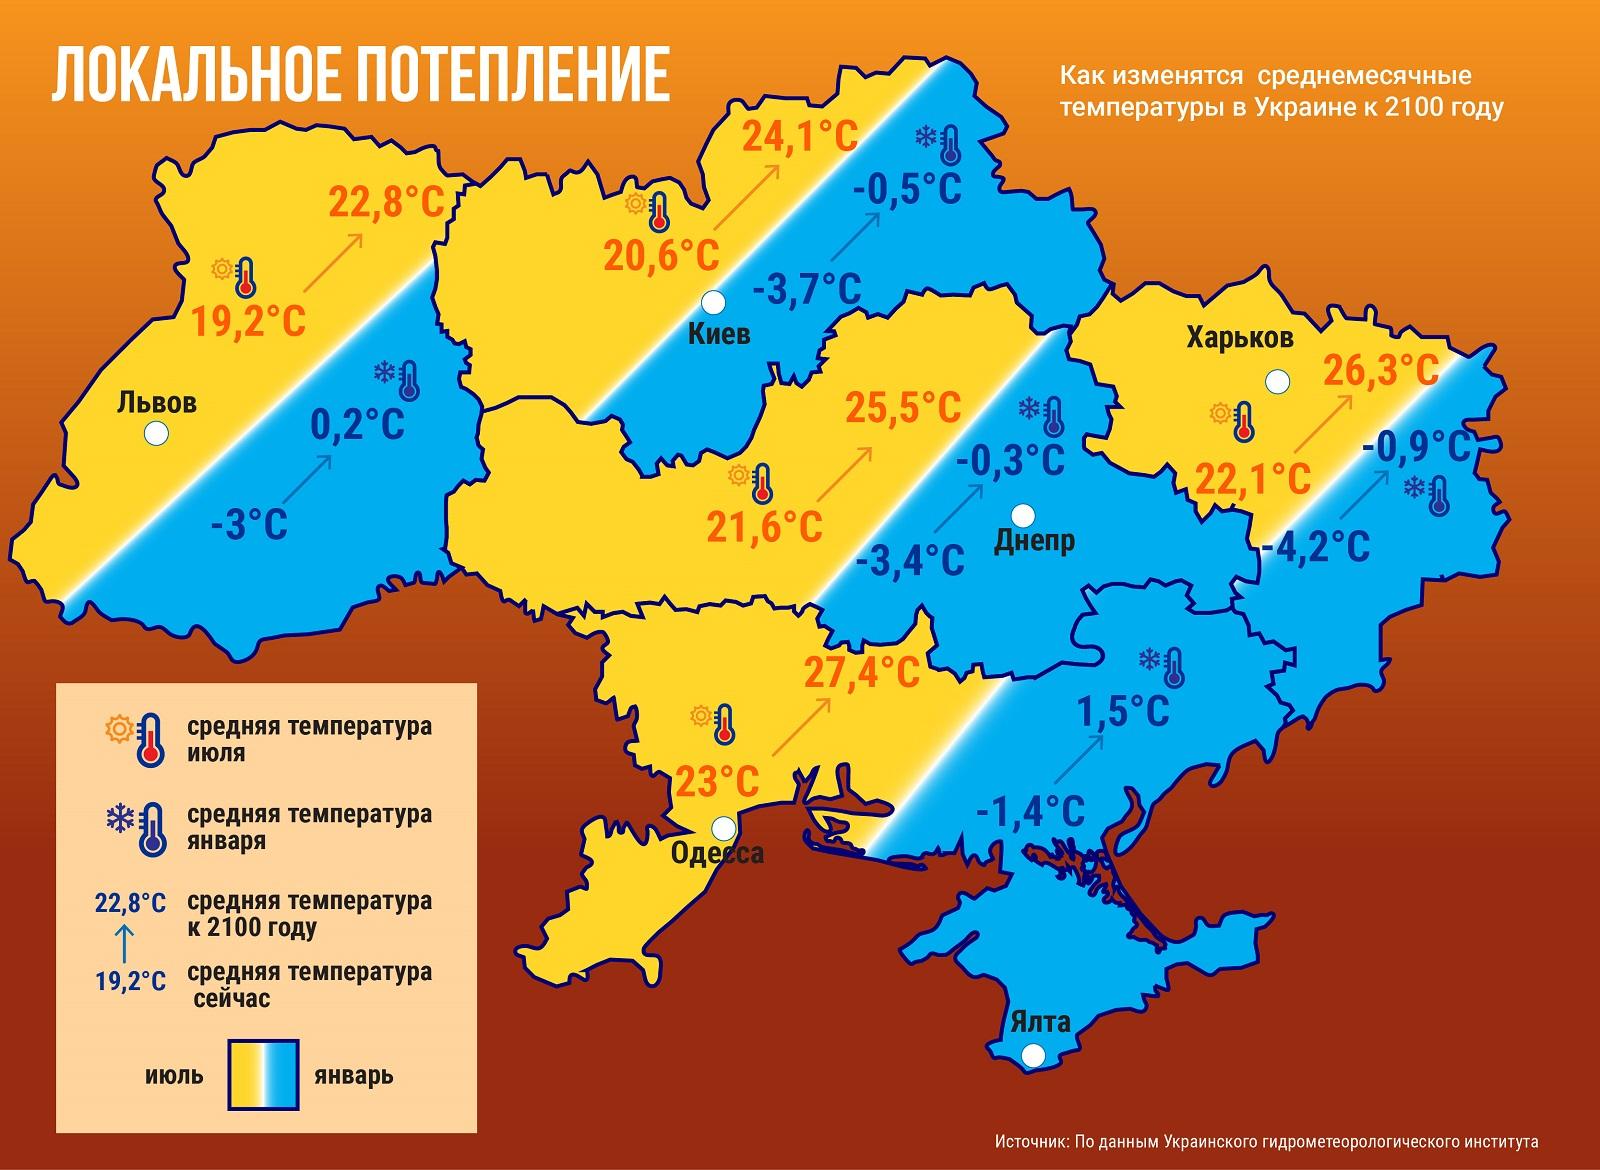 глобальное изменение климата, потепление, последствия глобального потепления для Украины, карта Украины